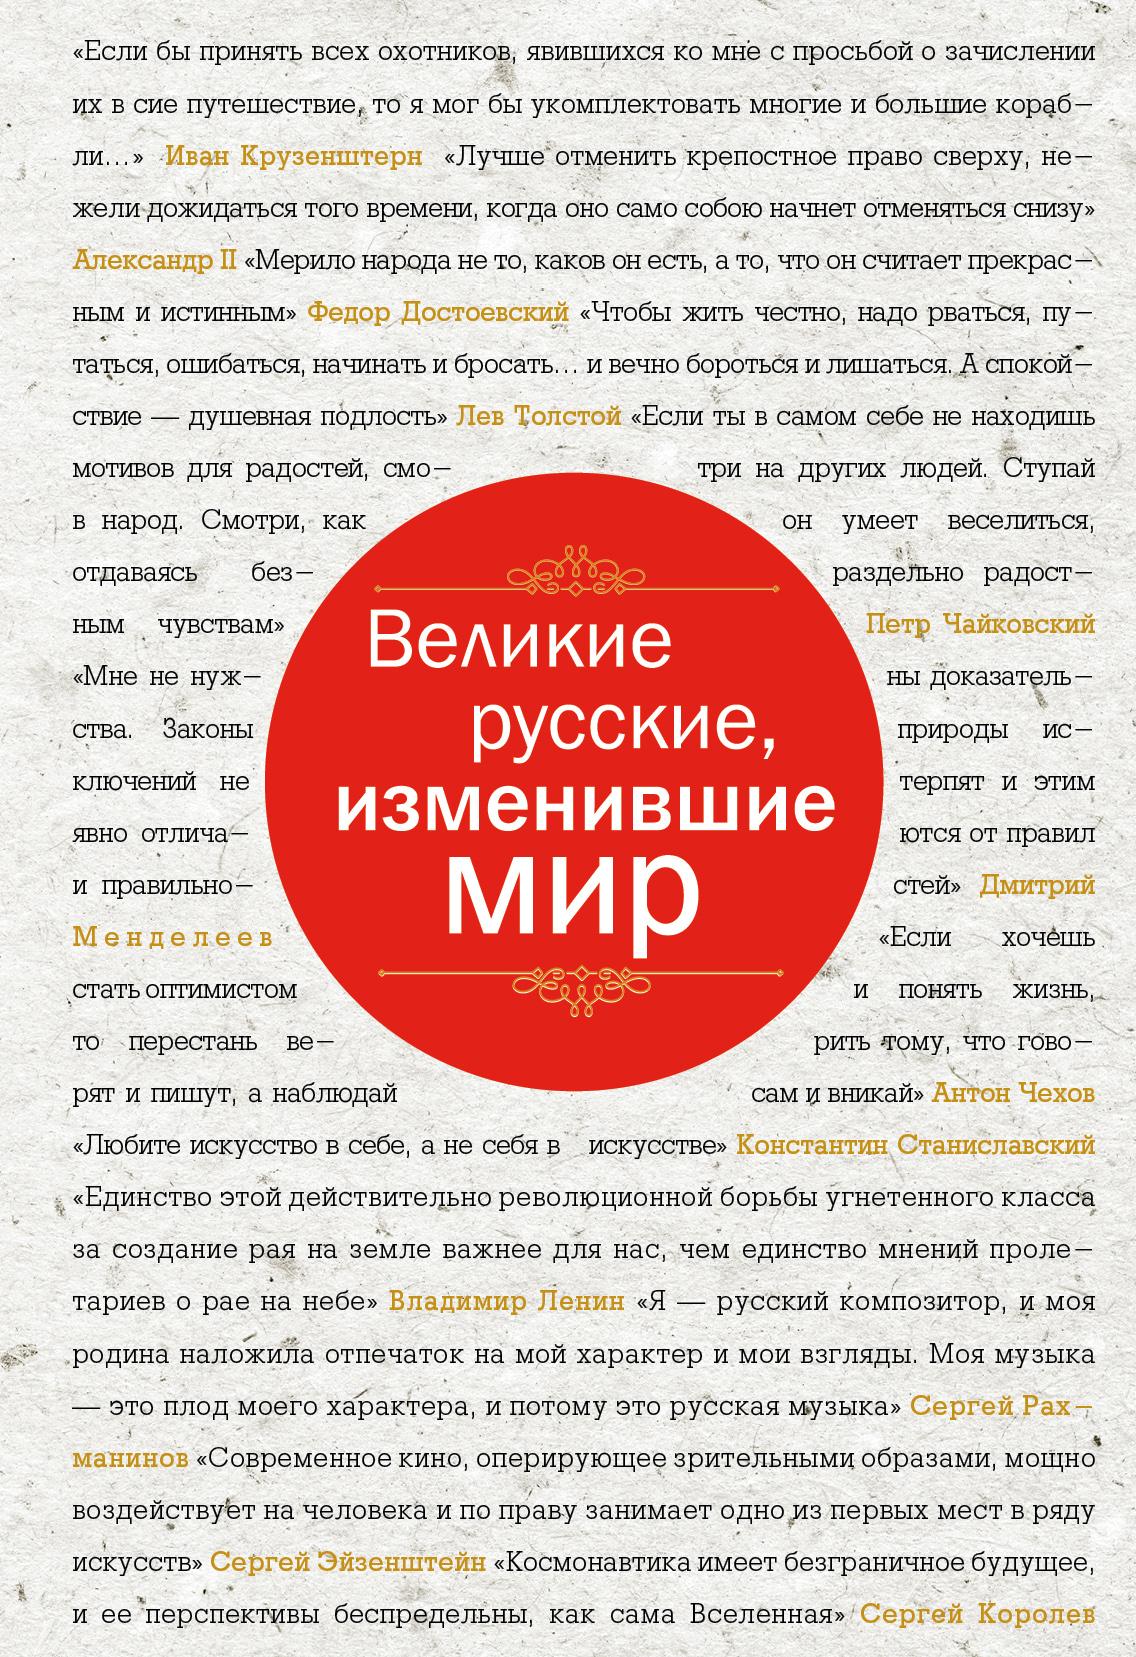 Великие русские, изменившие мир сборник великие имена русского ренессанса